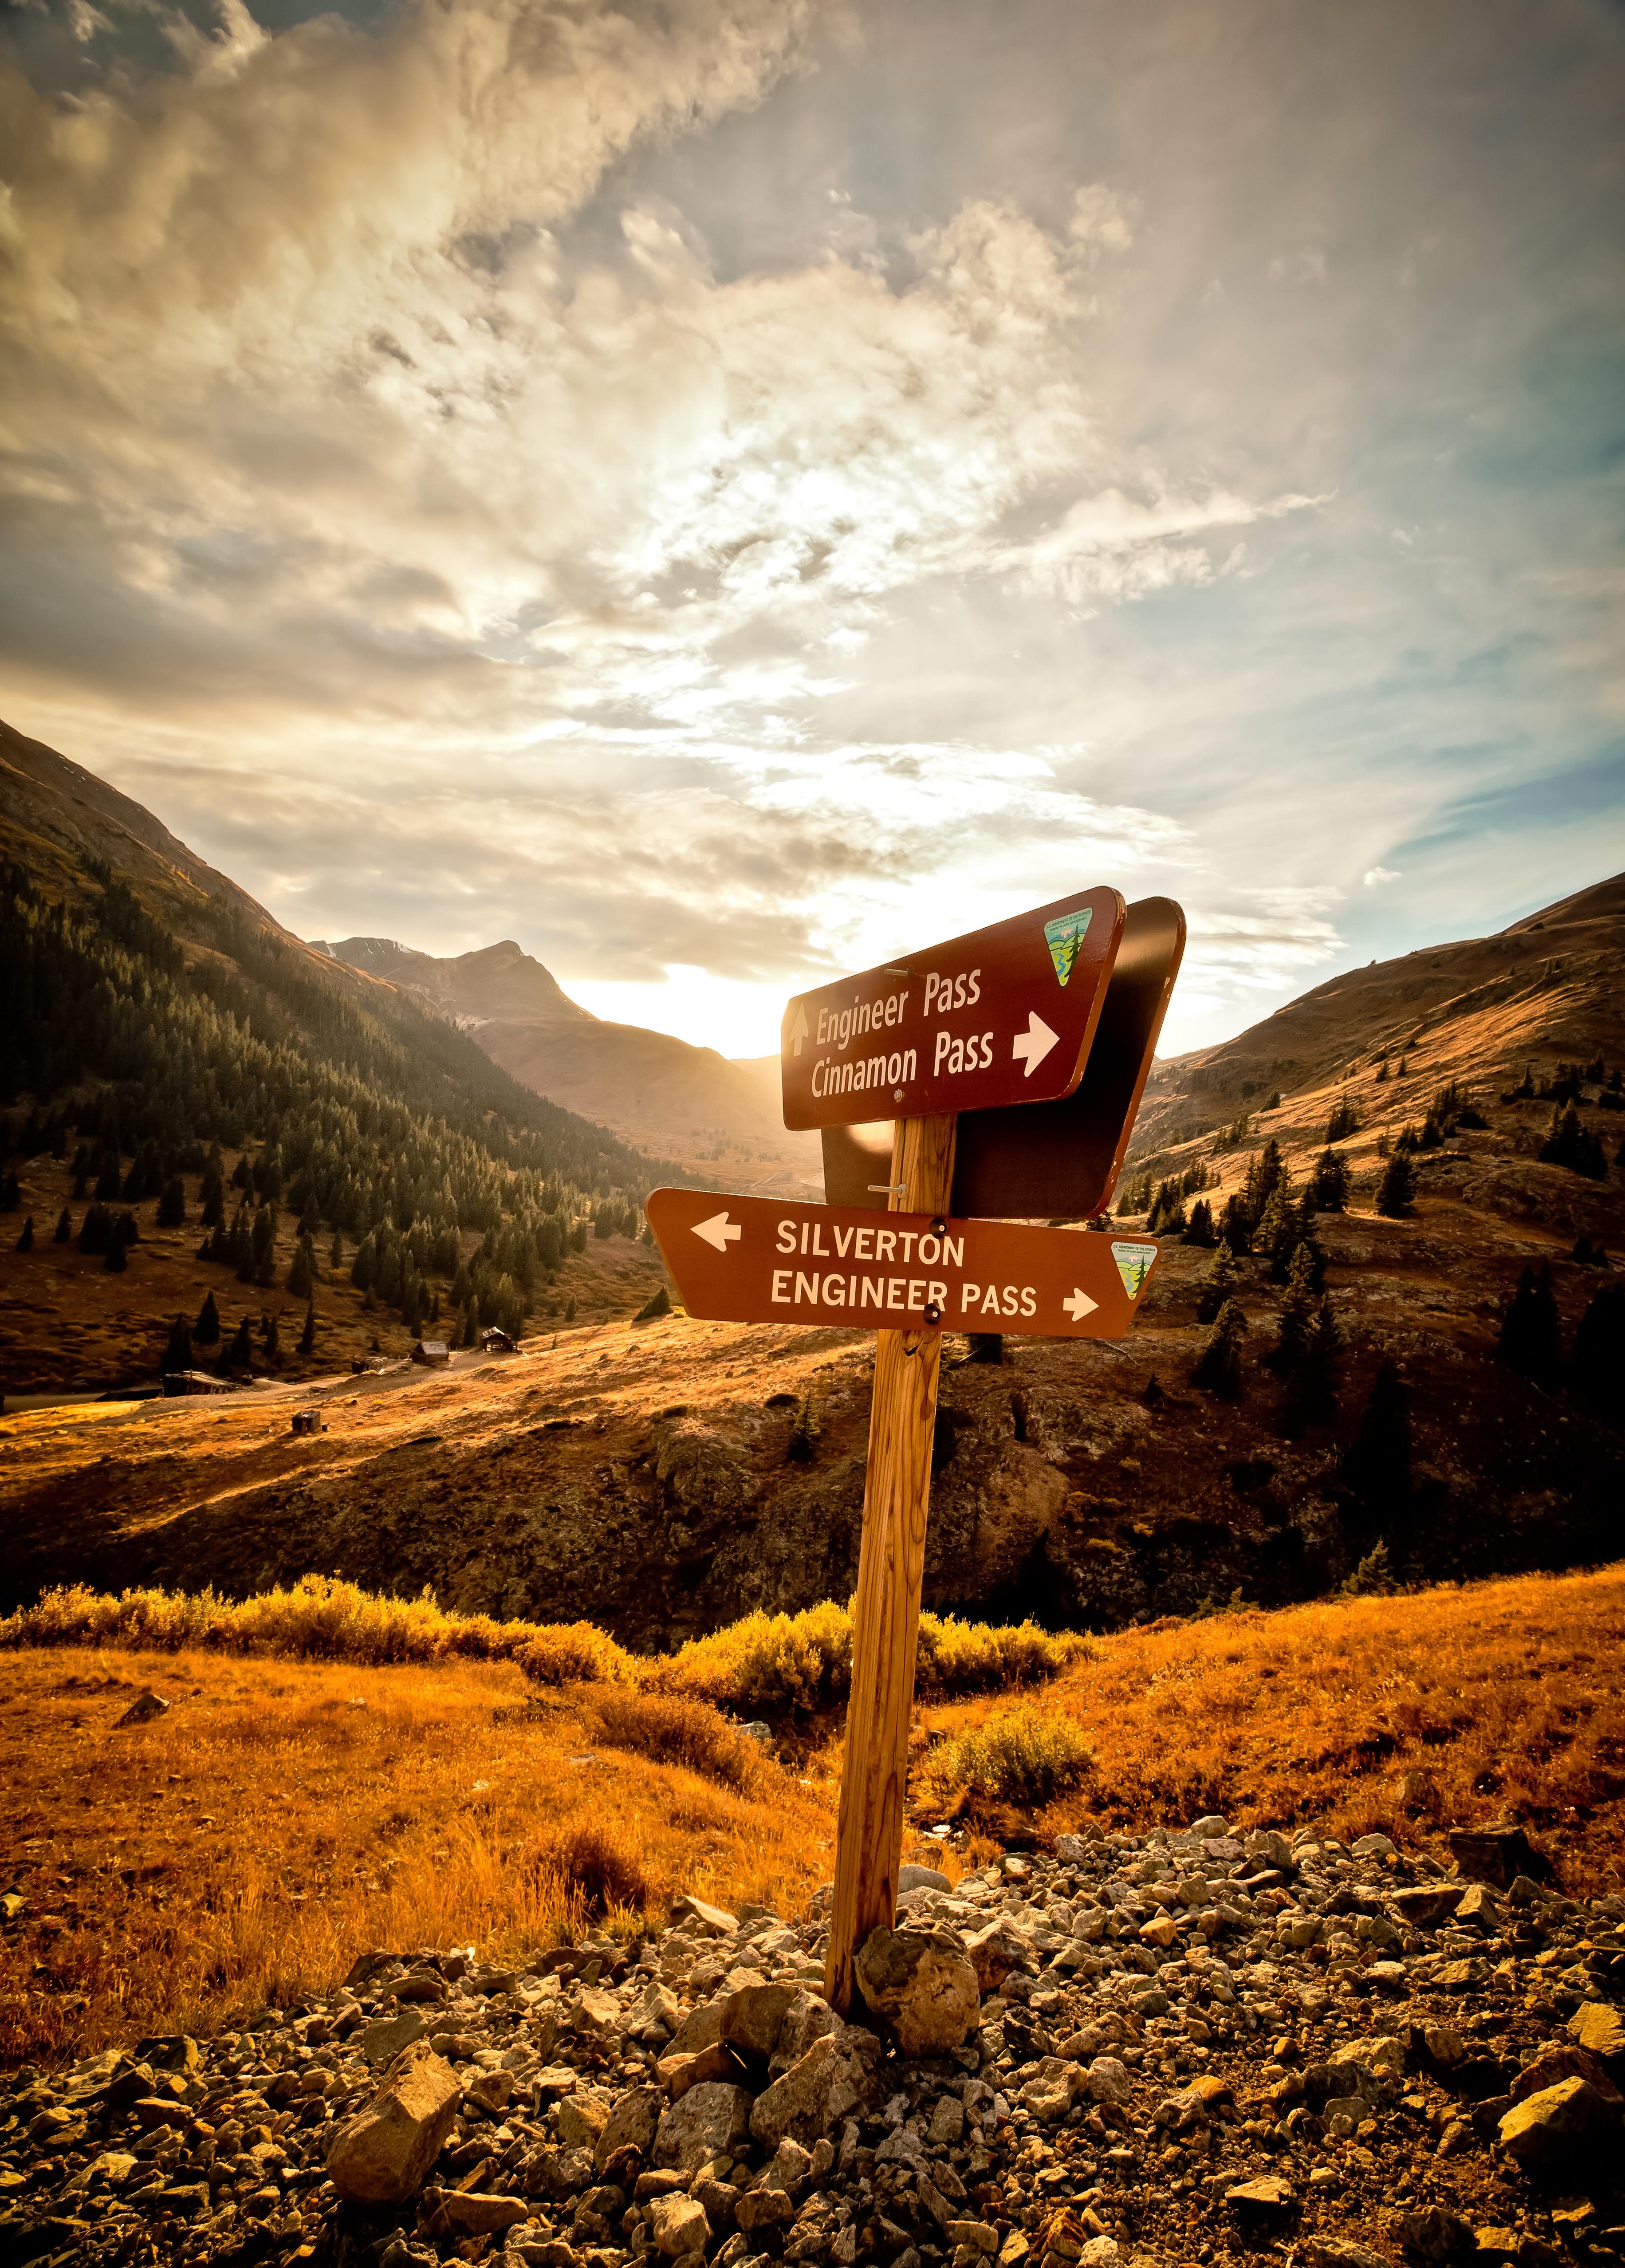 Offroading in Southwestern Colorado